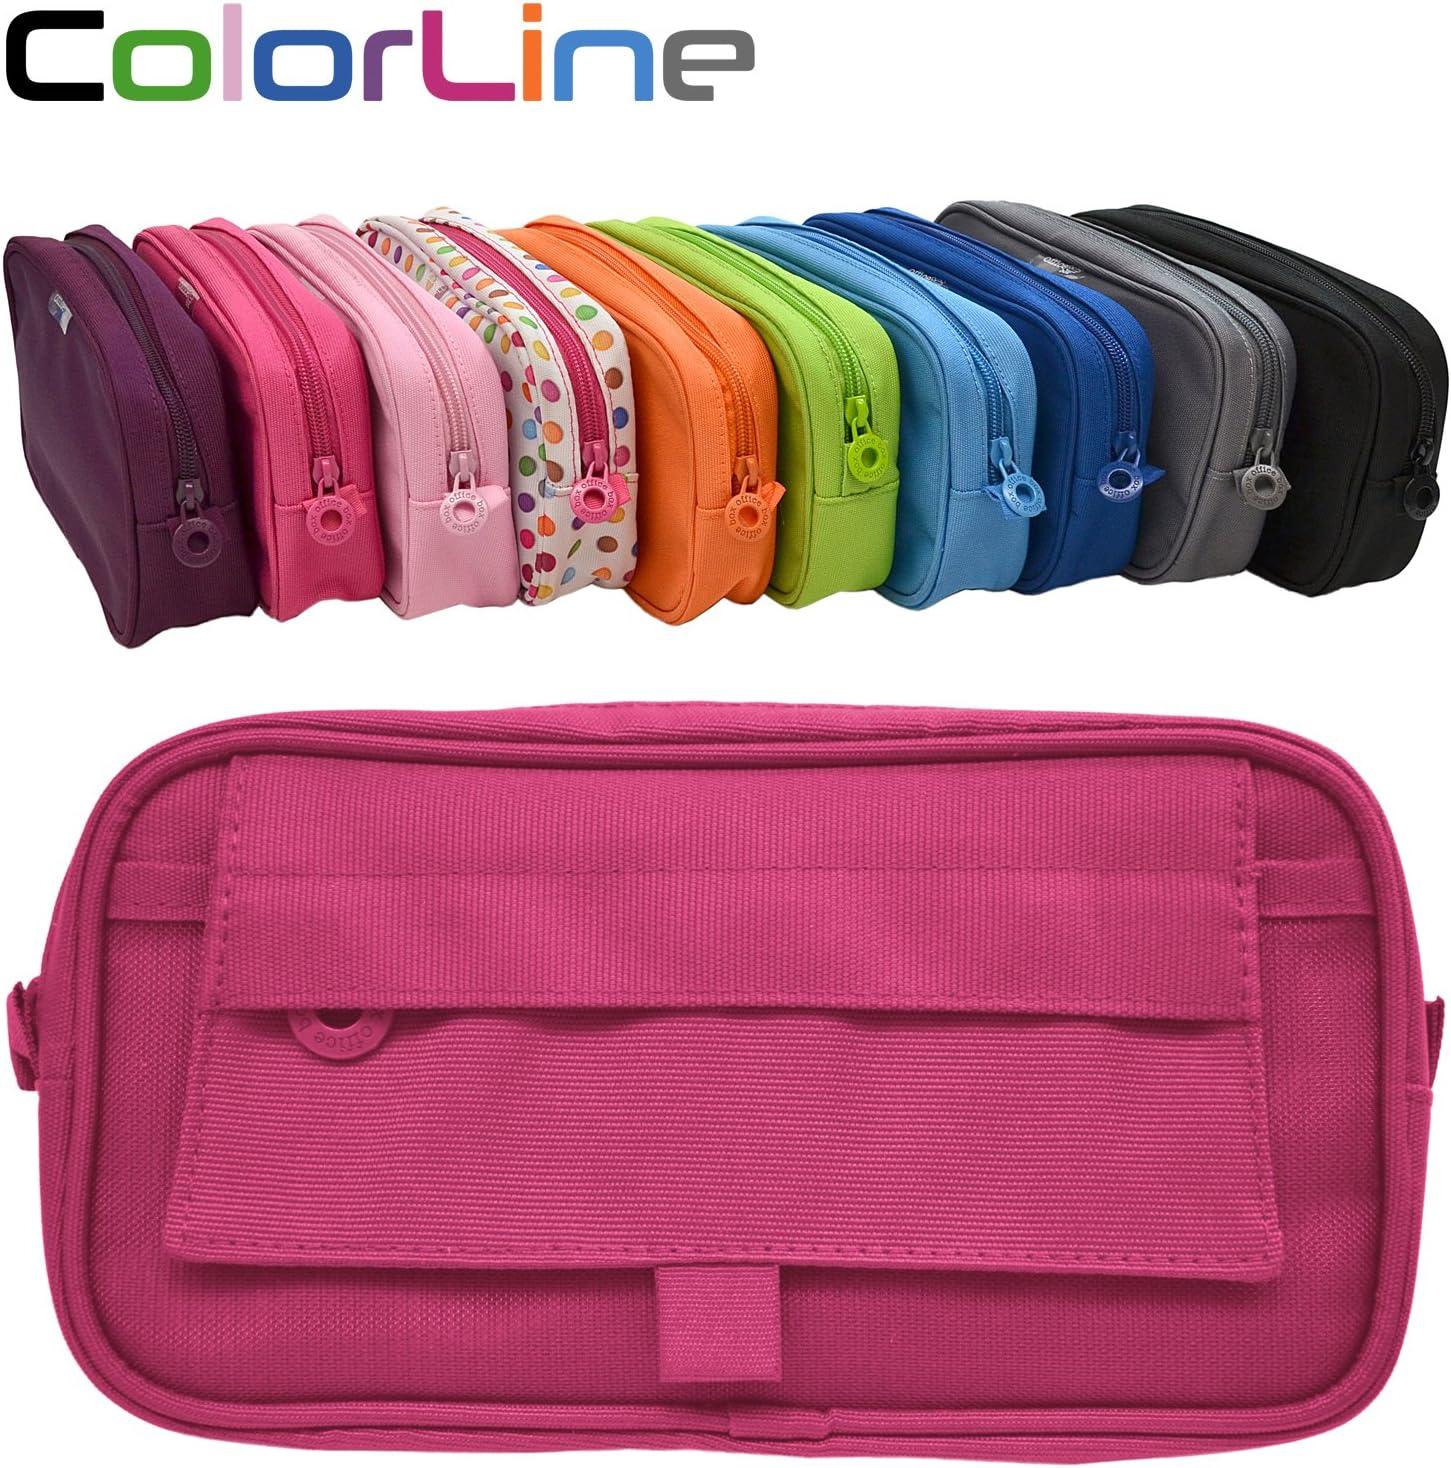 Colorline 59911 - Portatodo Xtra, Estuche Multiuso para Viaje, Material Escolar, Neceser y Accesorios. Color Azul Fucsia, Medidas 22 x 12.5 x 4 cm: Amazon.es: Oficina y papelería